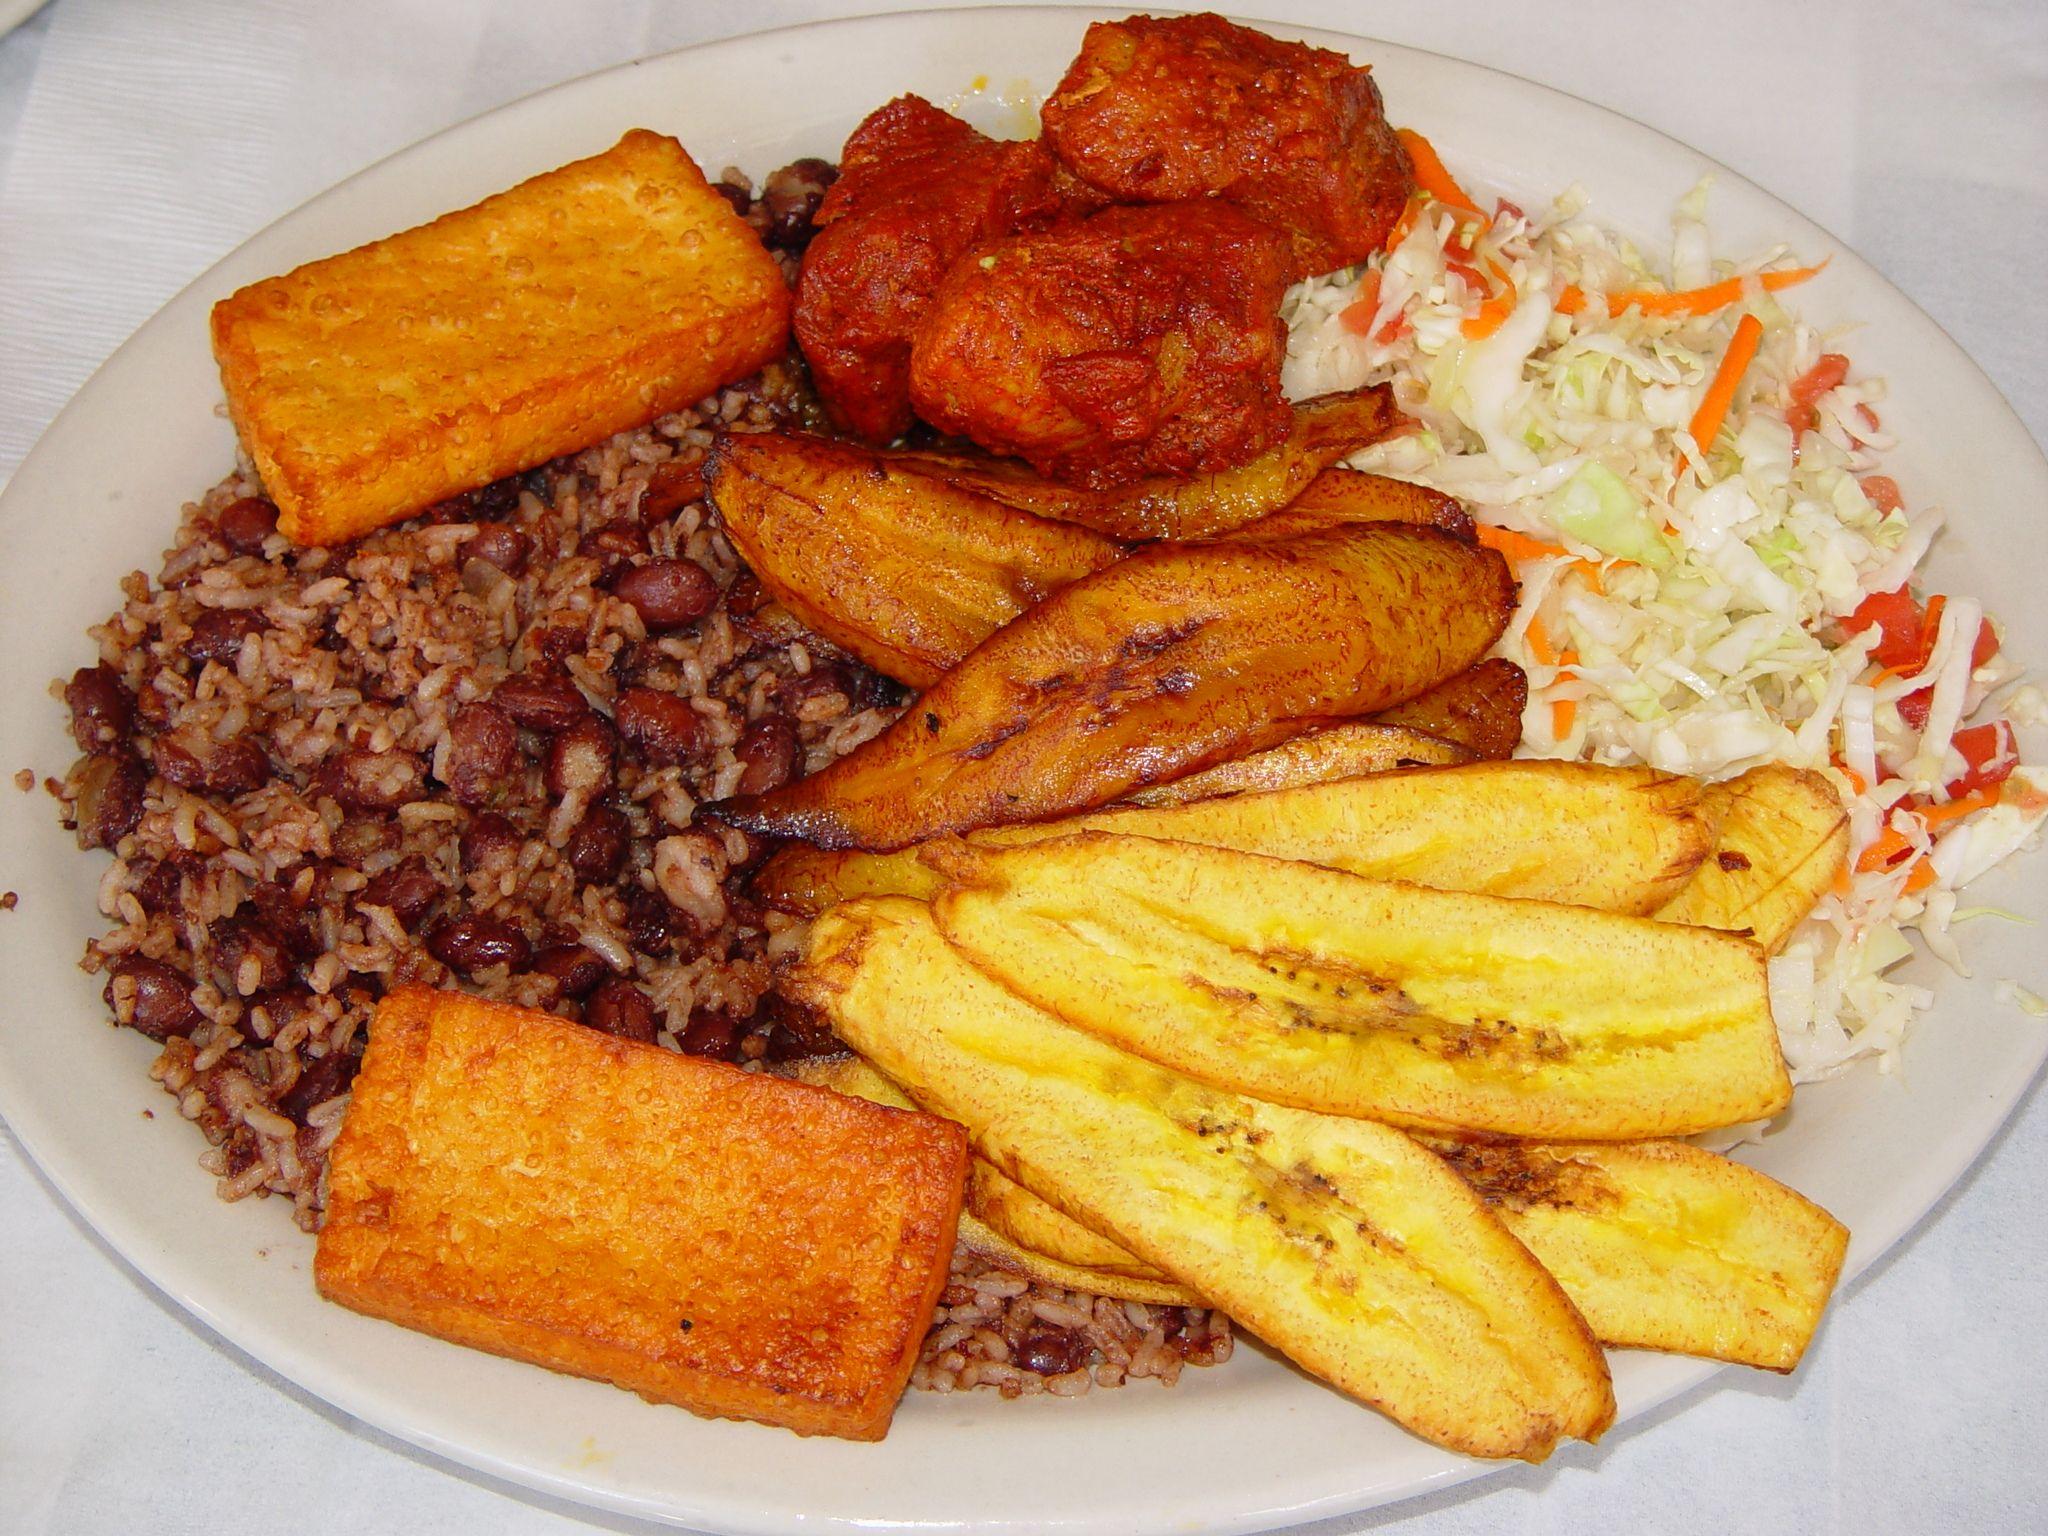 Nicaraguan food google search nicaraguan food pinterest food nicaraguan food google search forumfinder Choice Image